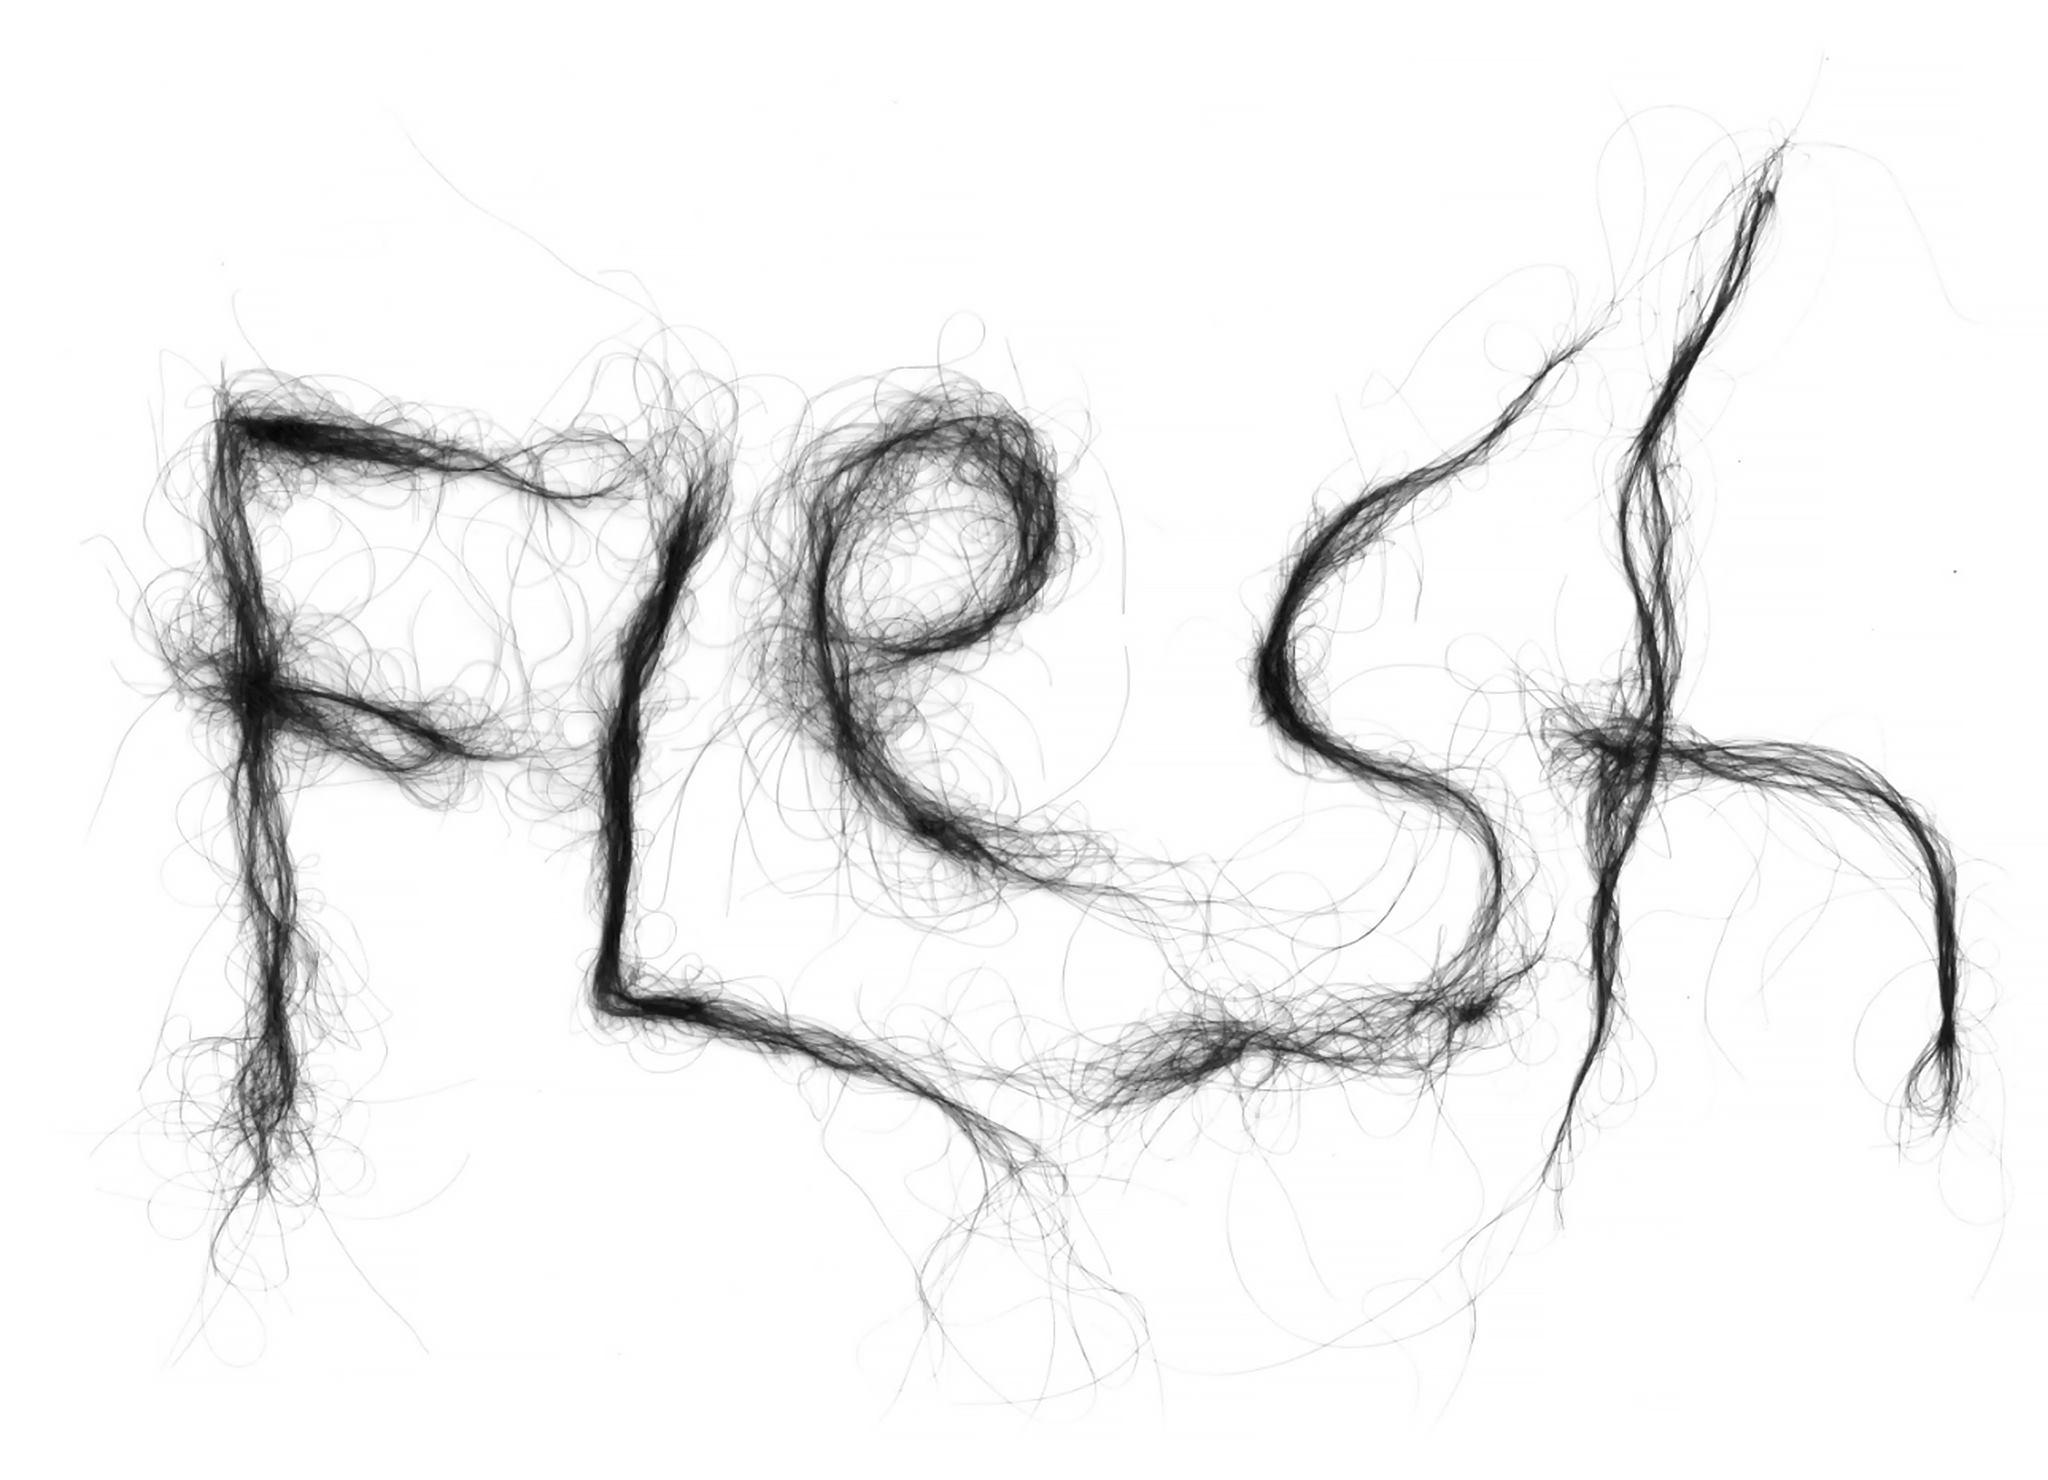 Fleshlight am 16. April 2020 @ die Schöne.